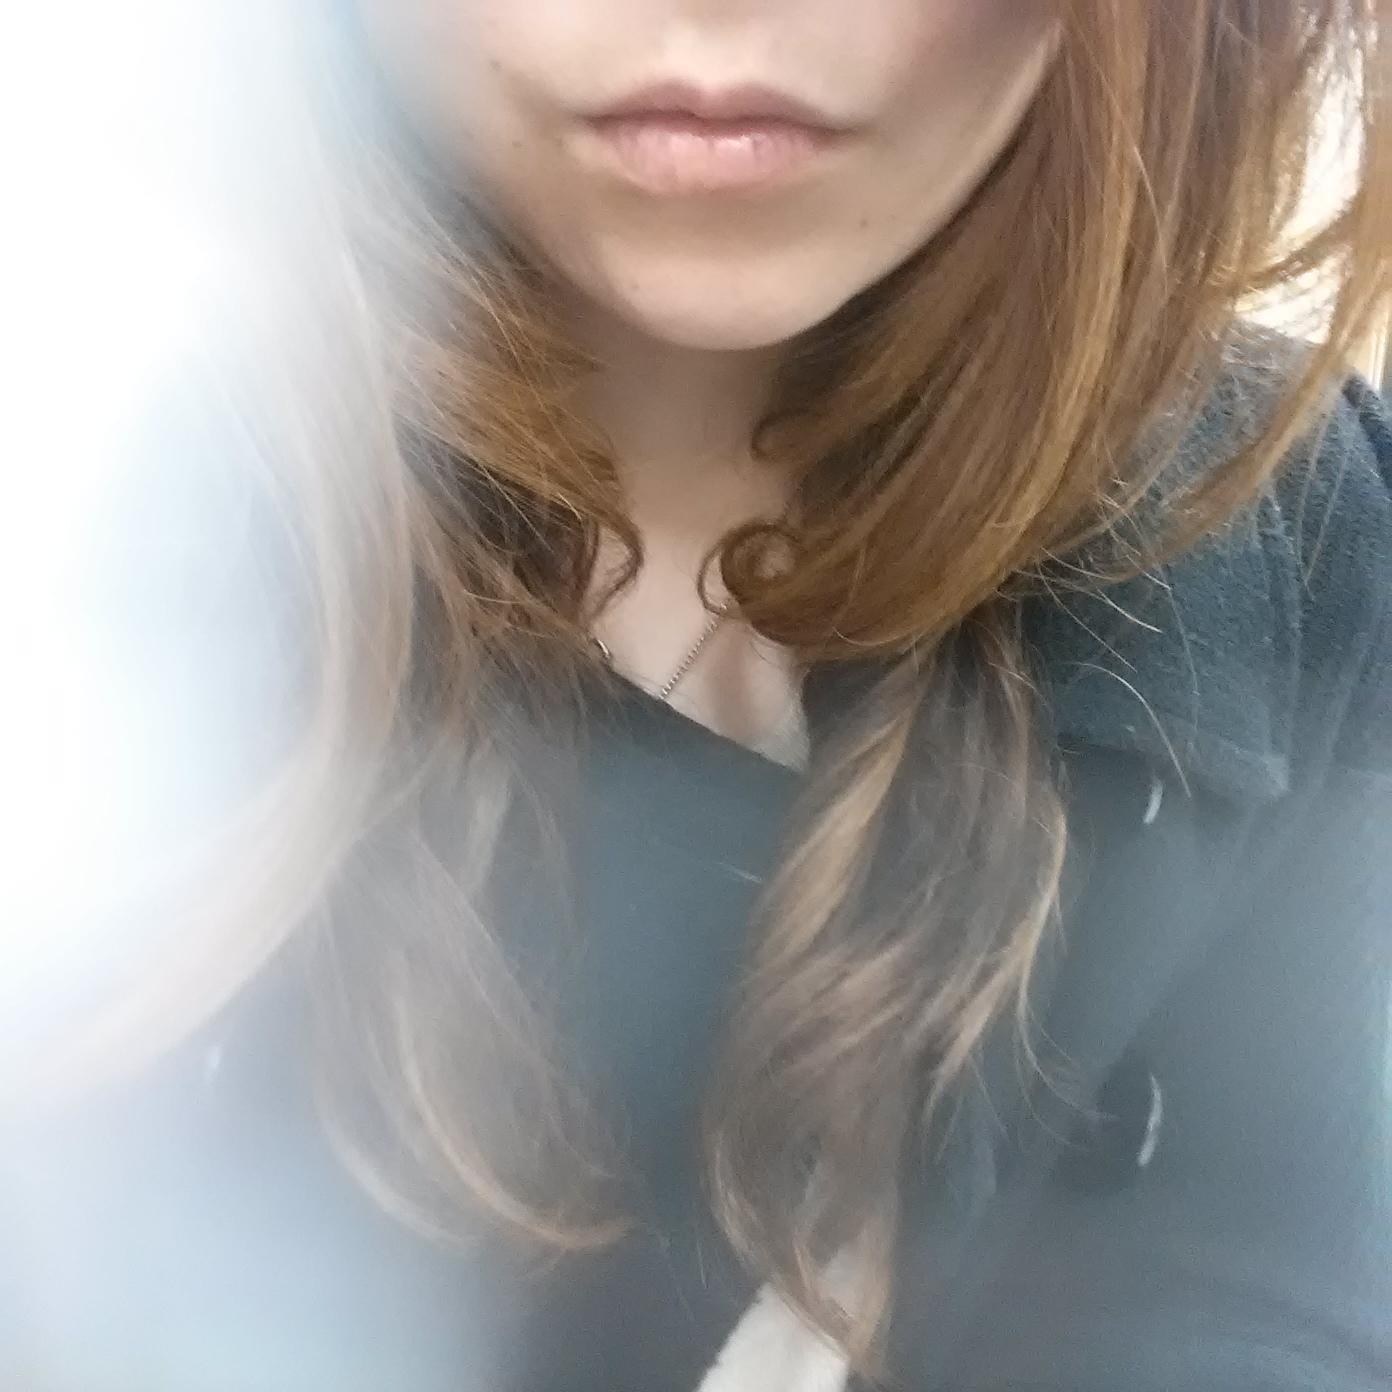 「☆イベント最終日☆」12/17(月) 09:18 | あん◇無邪気で気さく◇の写メ・風俗動画